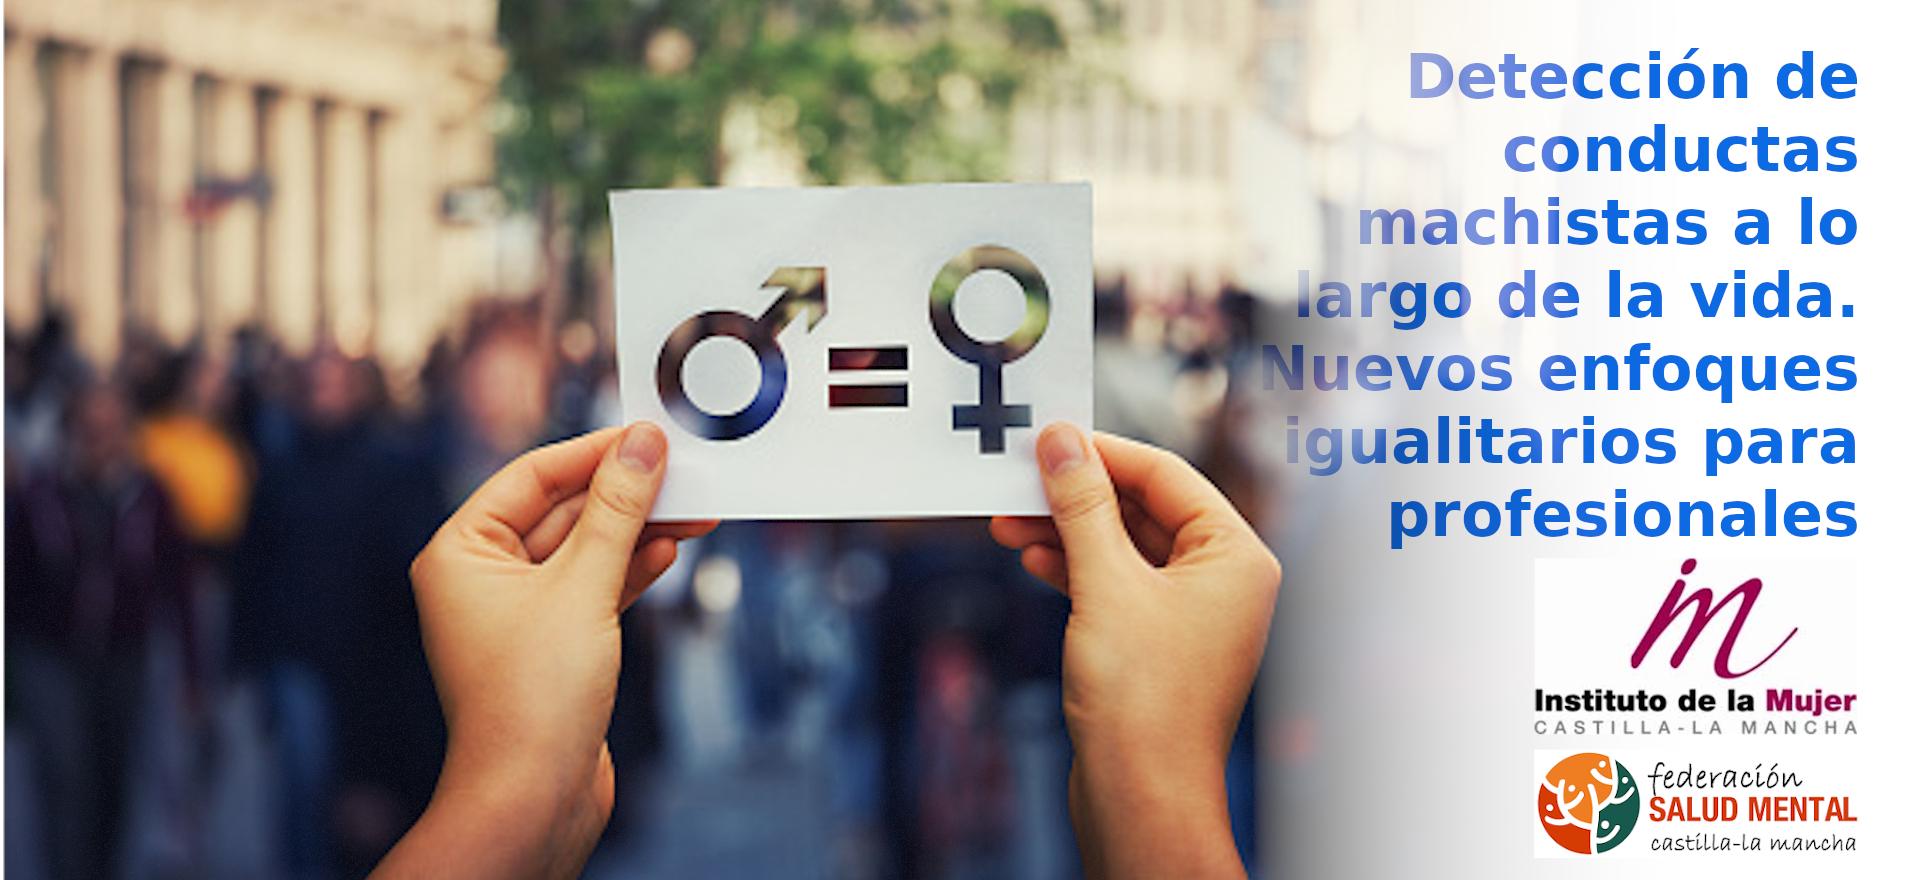 Detección de conductas machistas a lo largo de la vida para profesionales. Nuevos enfoques igualitarios para profesionales.